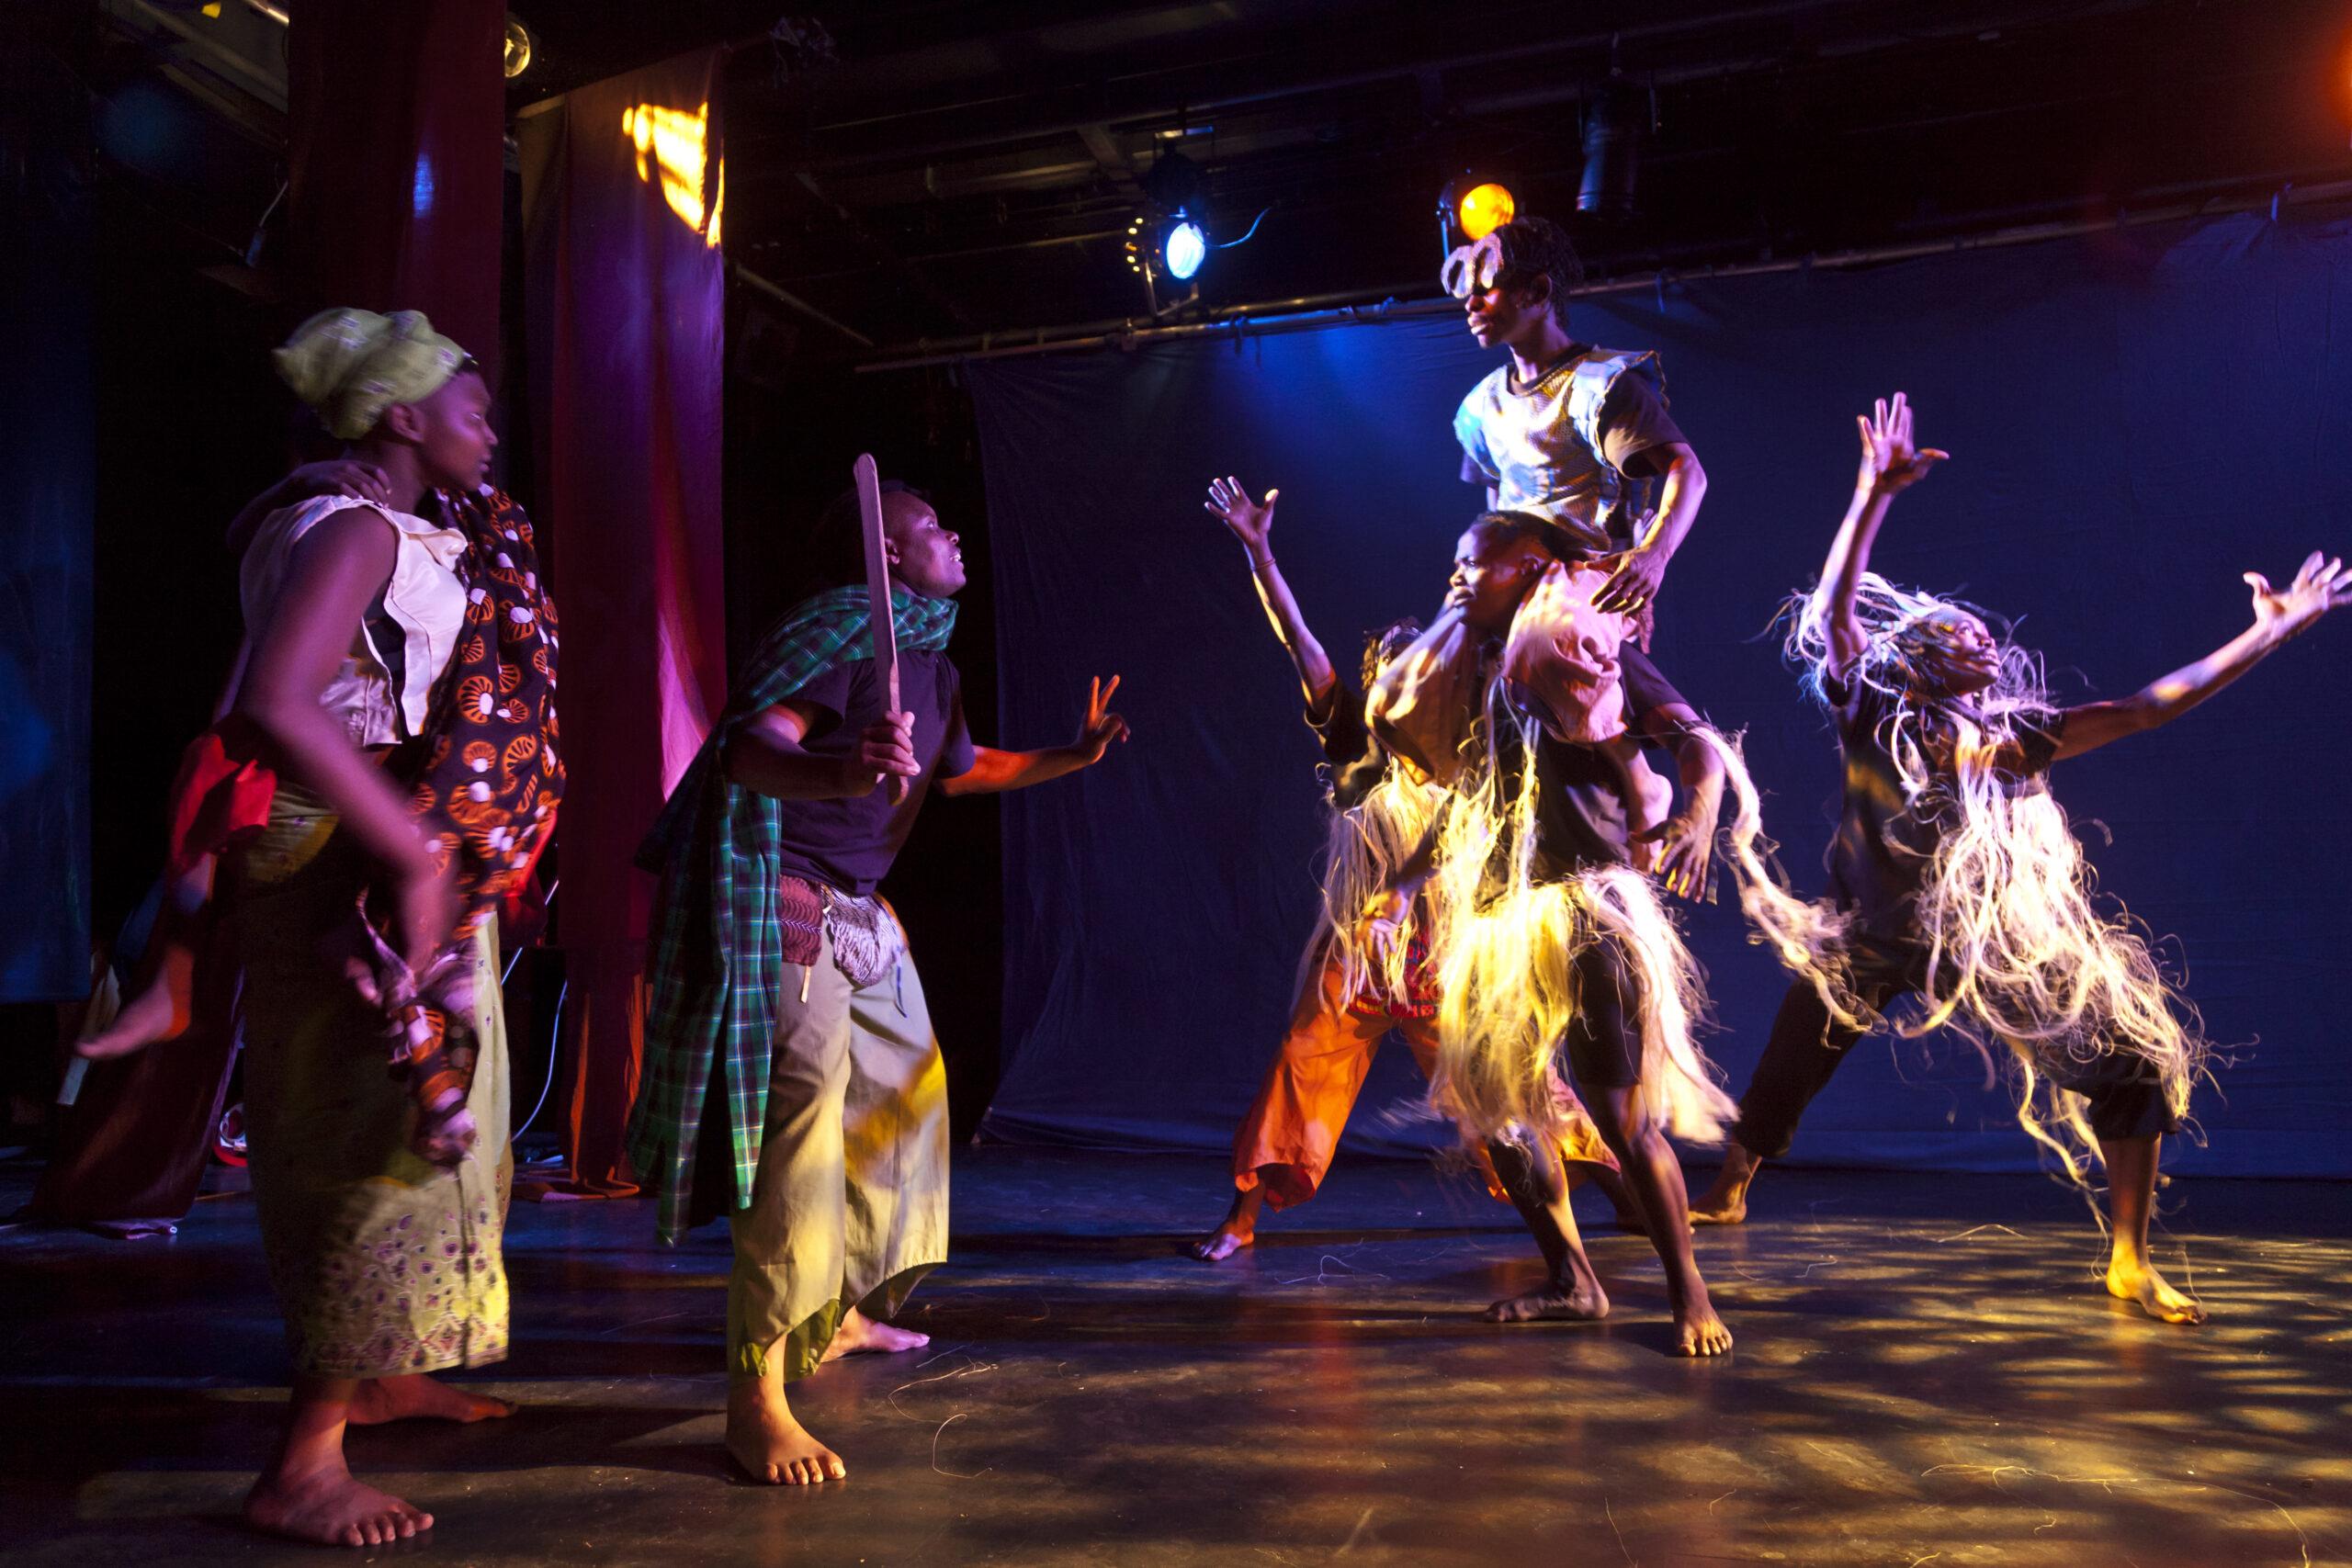 Trondheim 22.10.2011 :Dansere og akrobater fra tanzania viser en forestilling for Den kulturelle skolesekken på Isak. Regi Elin Hassel Iversen. Foto: Thor Nielsen